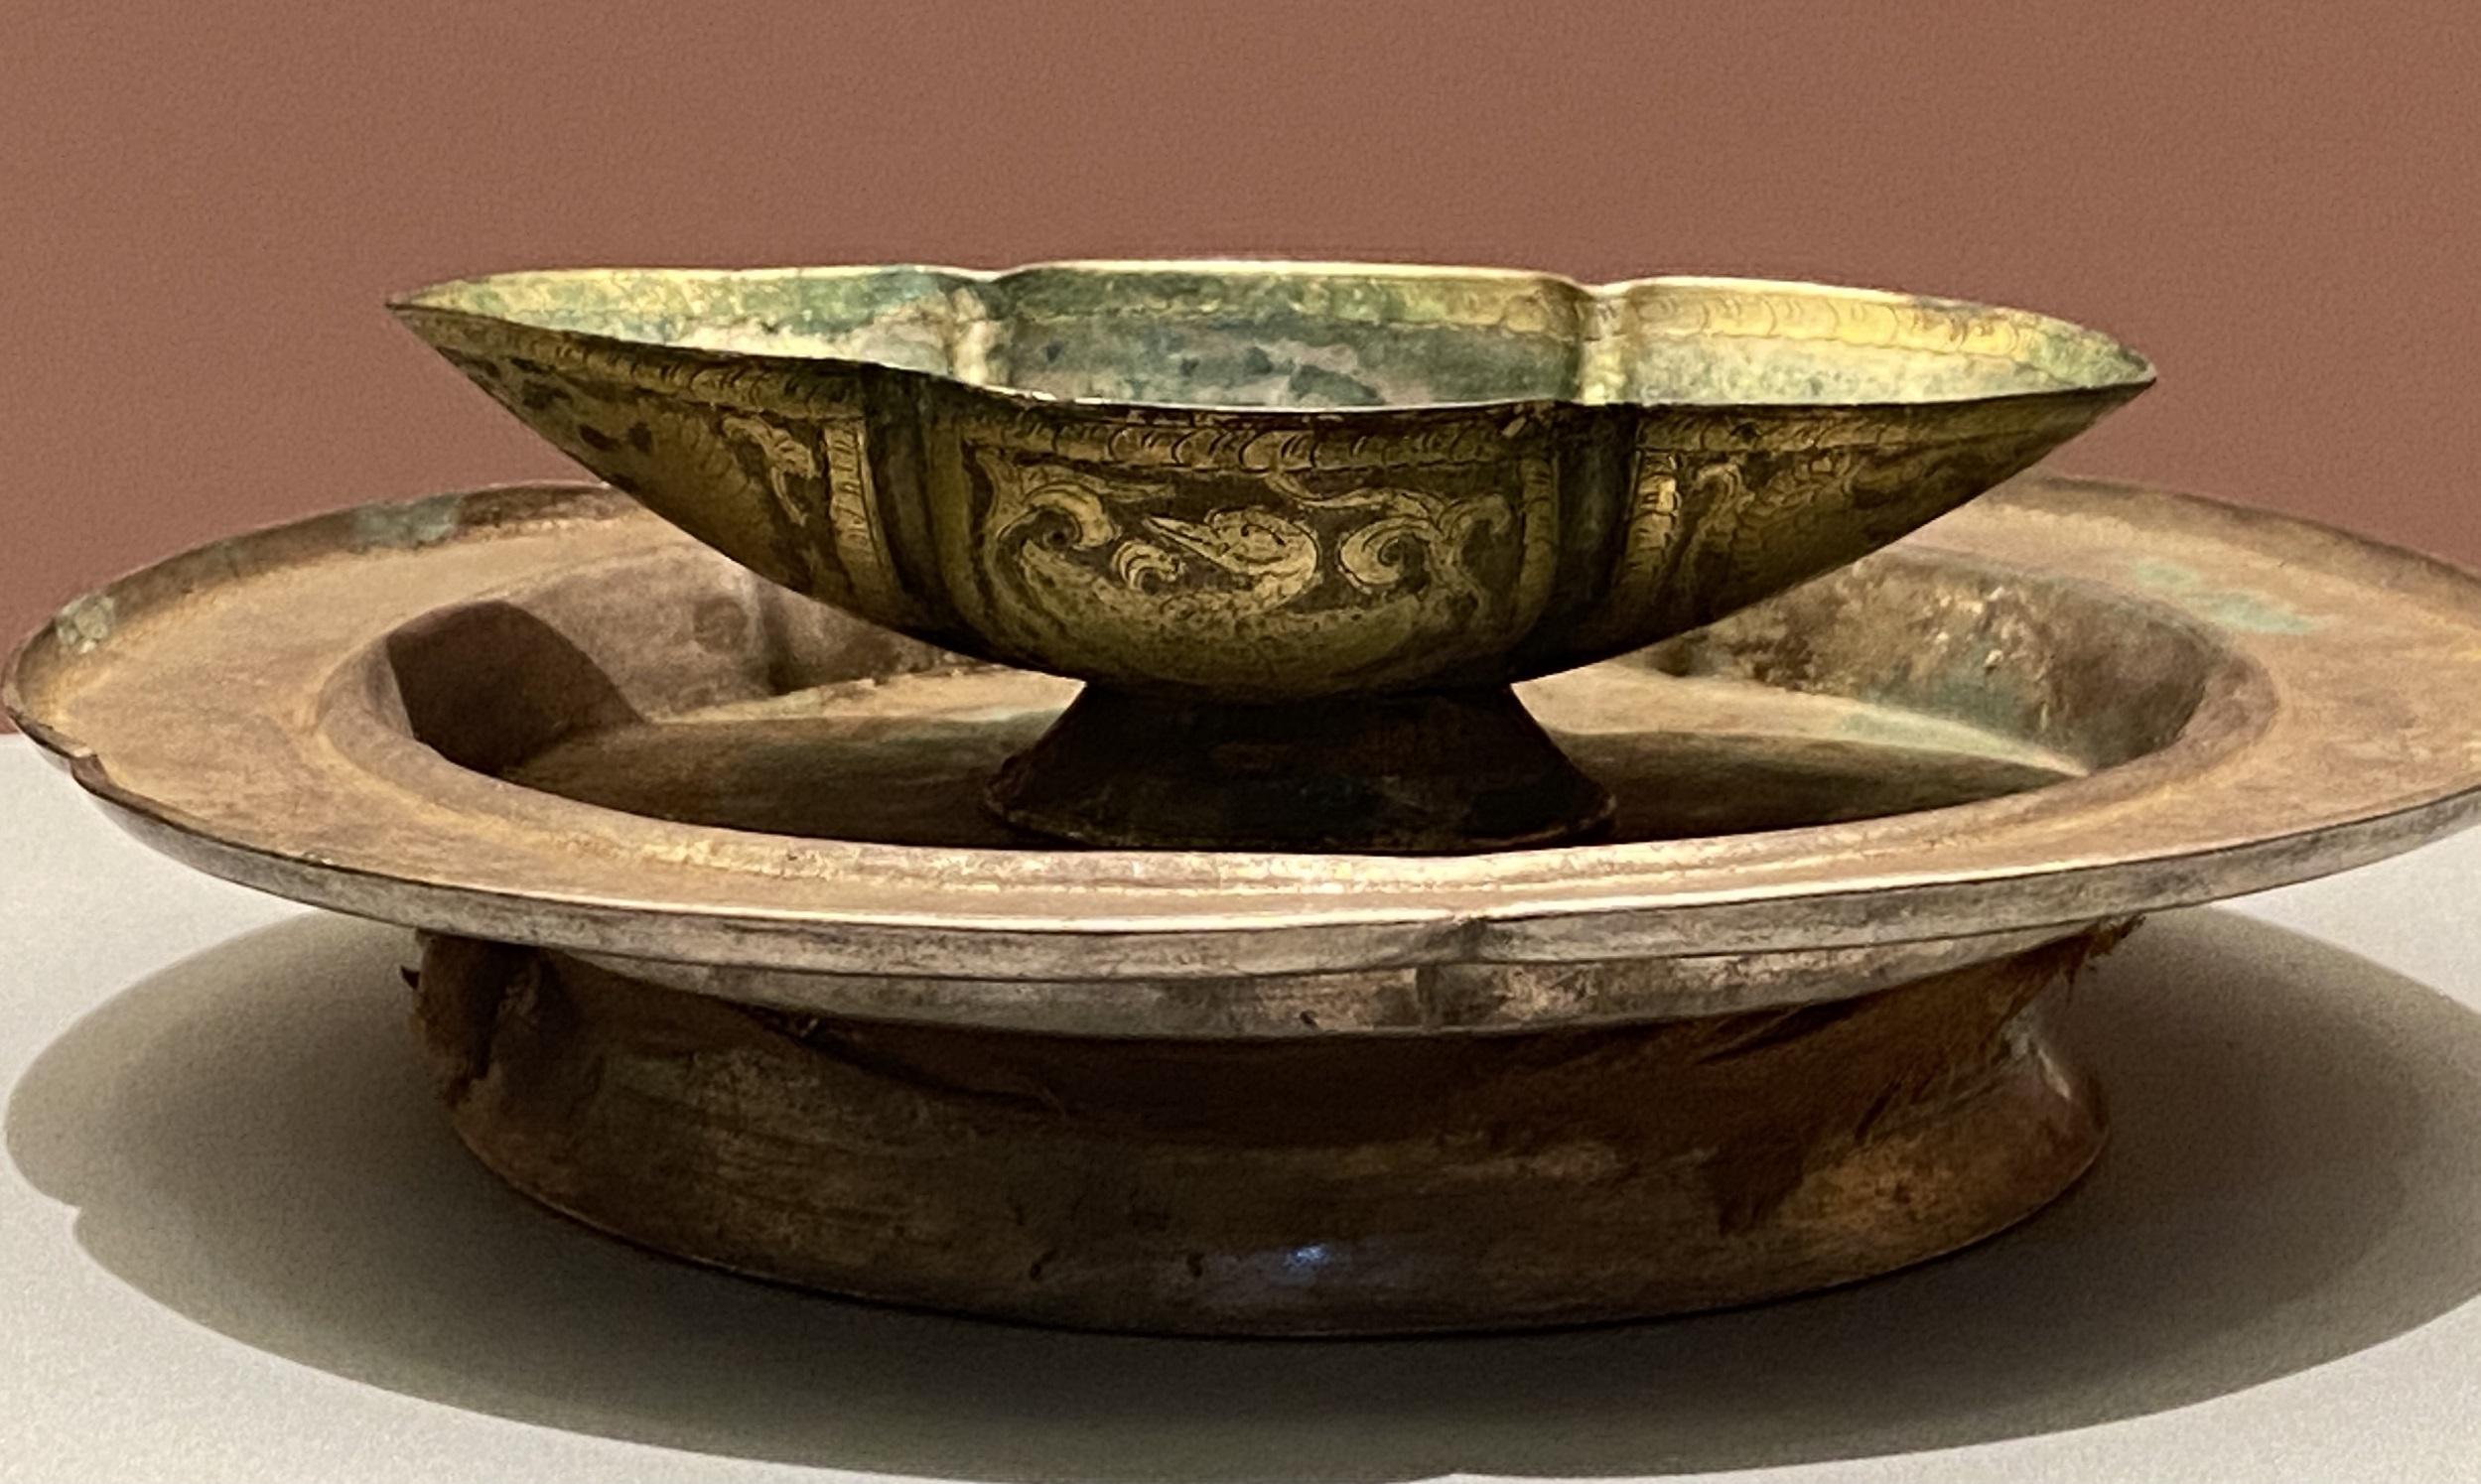 鎏金海棠形銀托盞-遼時代-特別展【食味人間】四川博物院・中国国家博物館